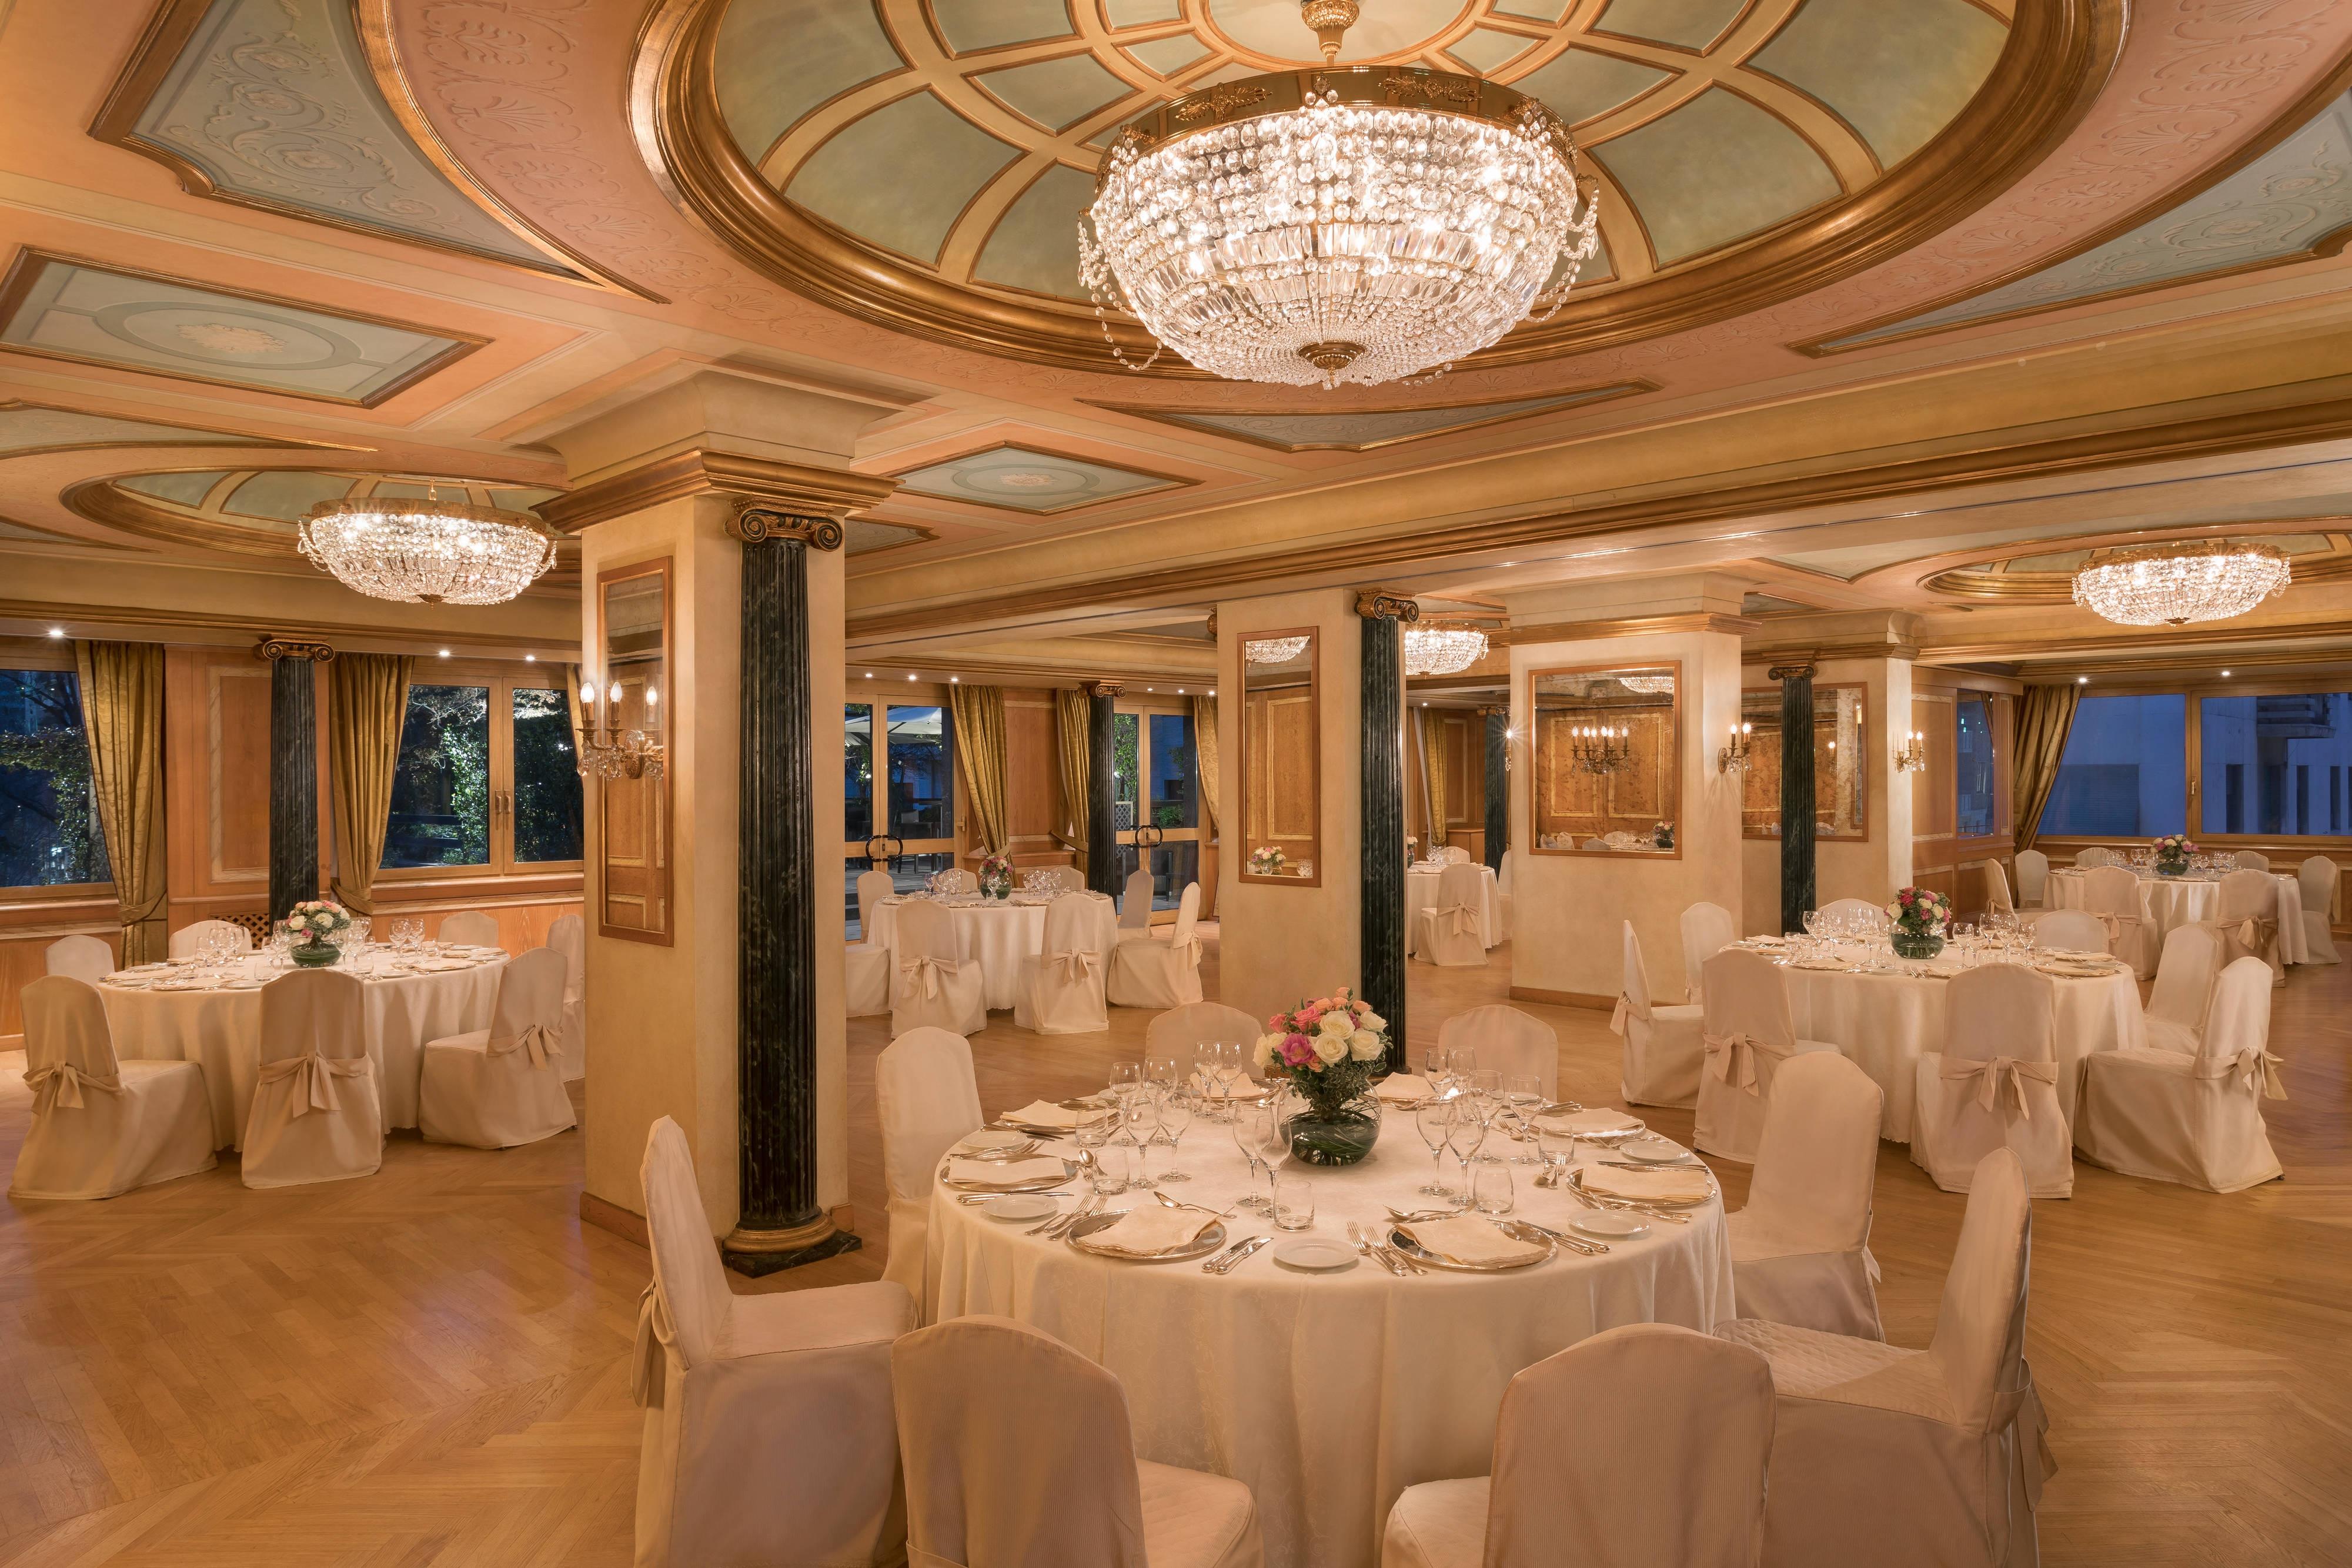 Sala Giardino - Cena di gala